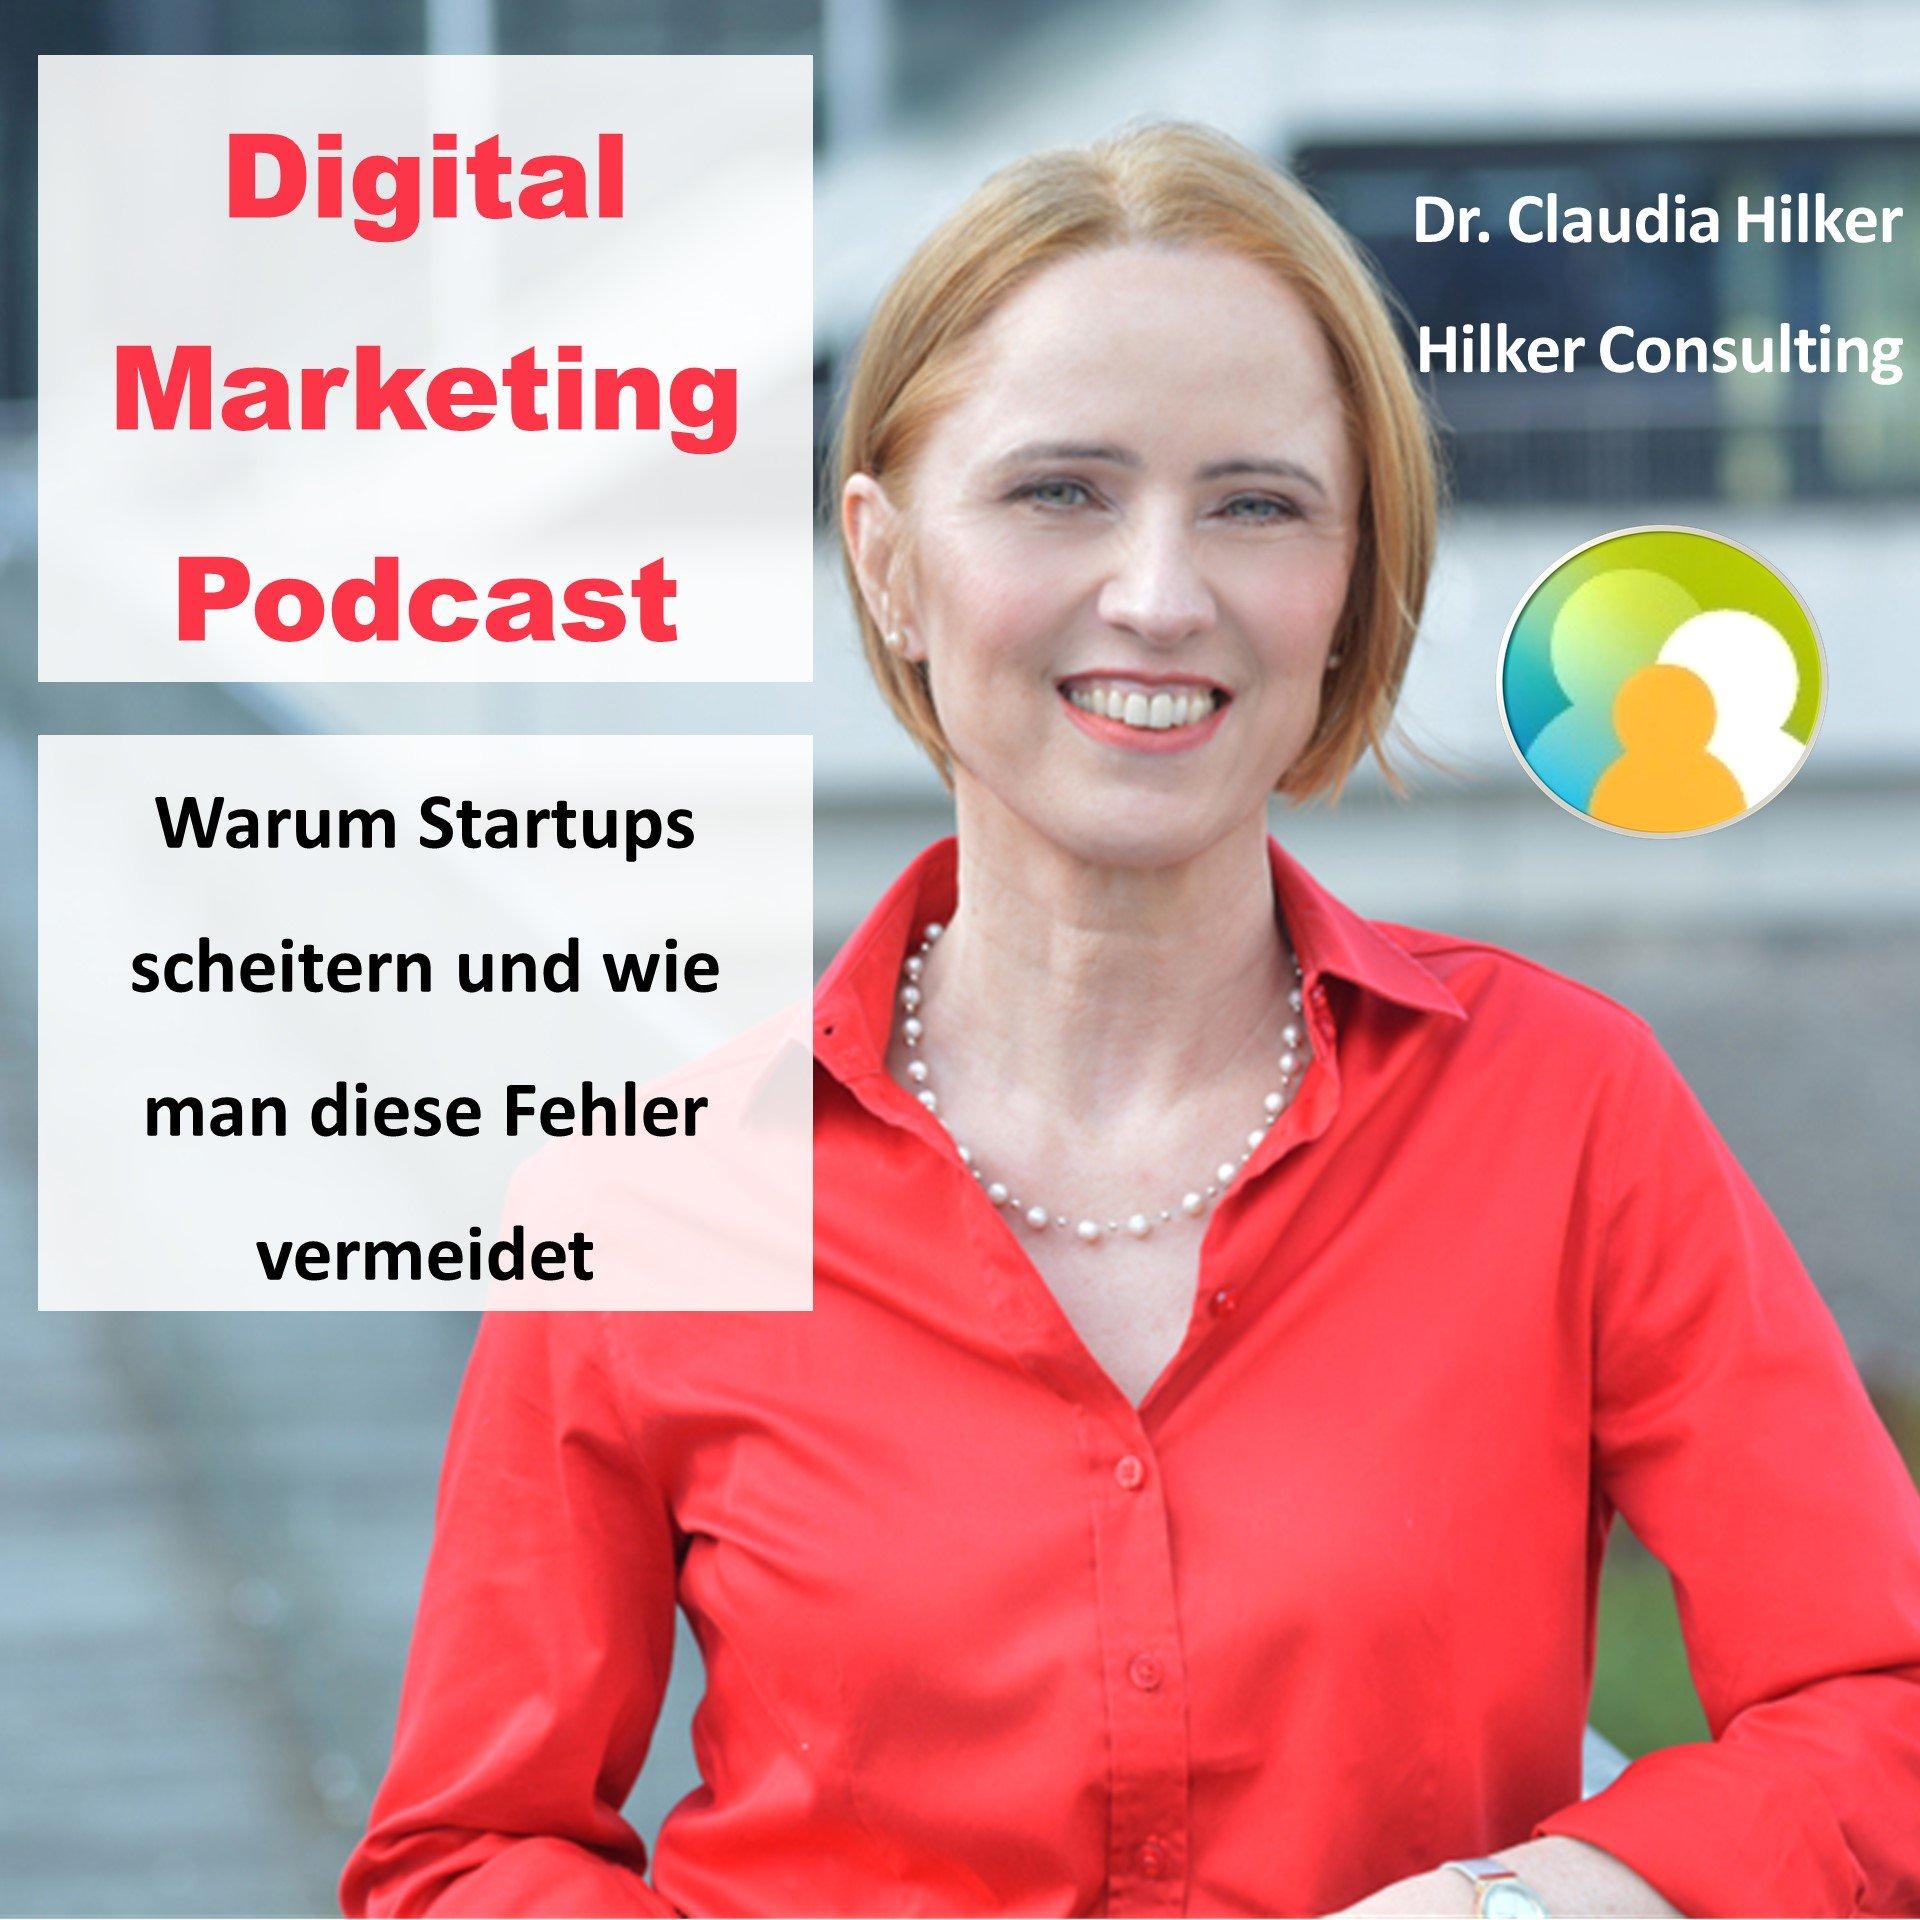 Digital Marketing Podcast_Startups scheitern